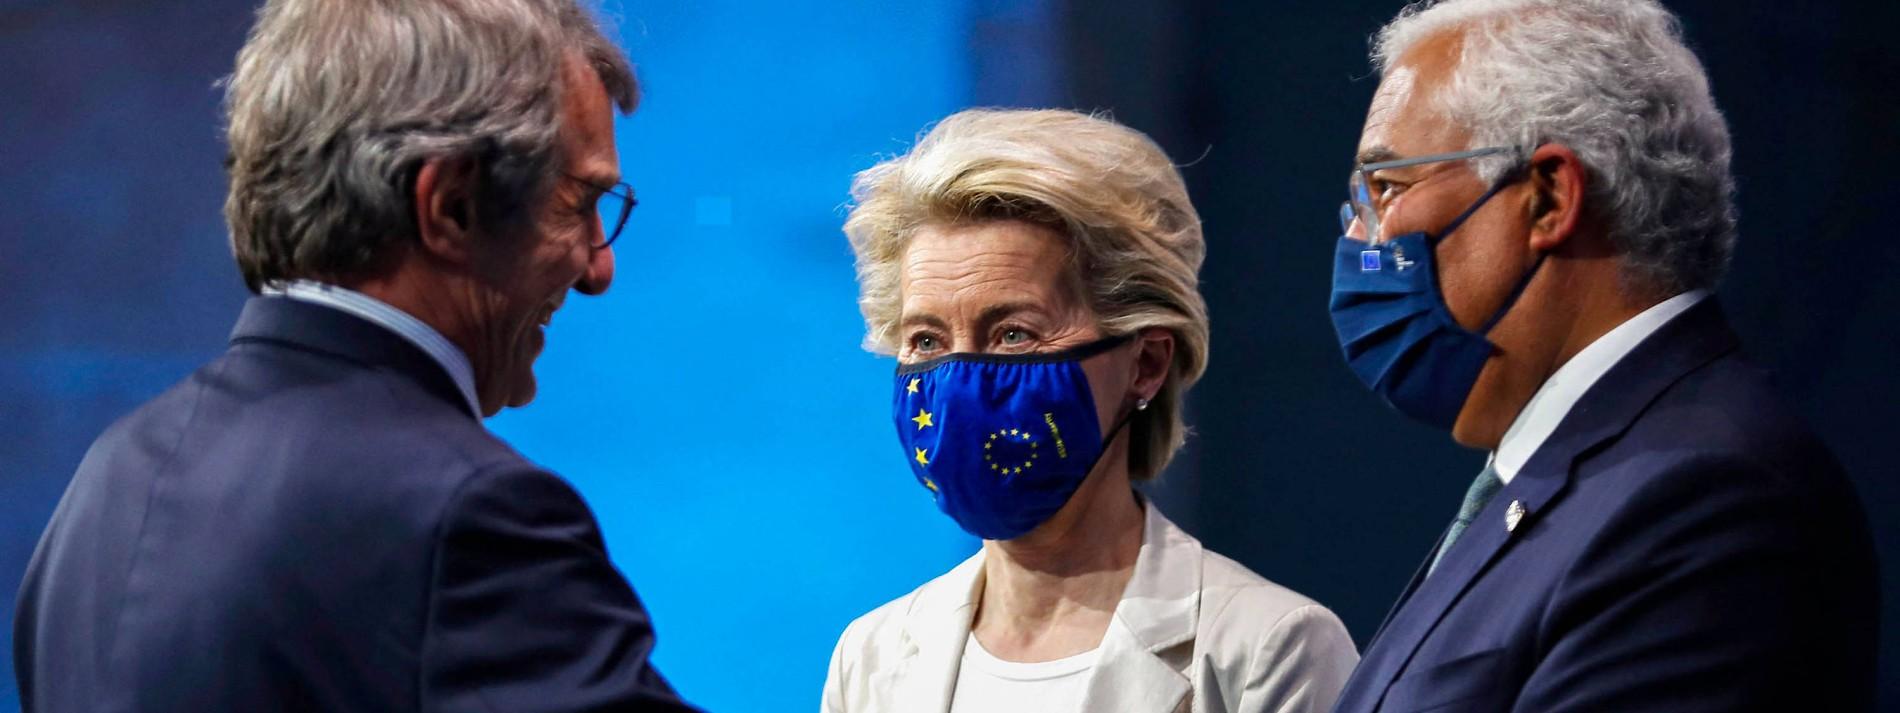 EU-Staaten sehen Bidens Patent-Vorstoß mit Skepsis